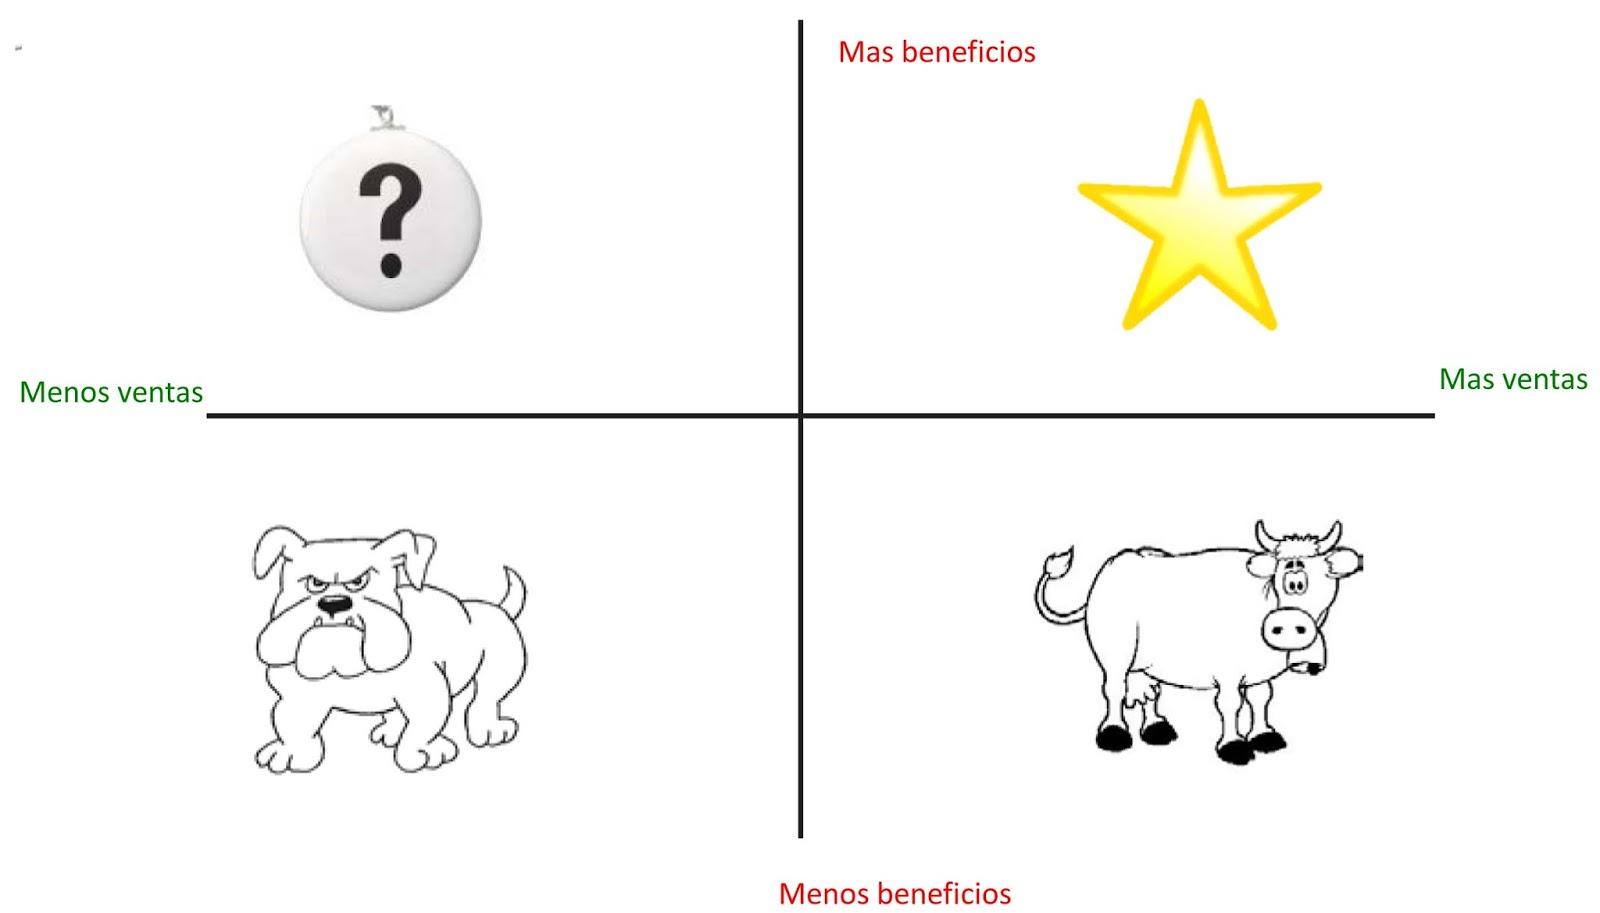 Ventas y beneficios en tu tienda: ¿cuál es la diferencia?